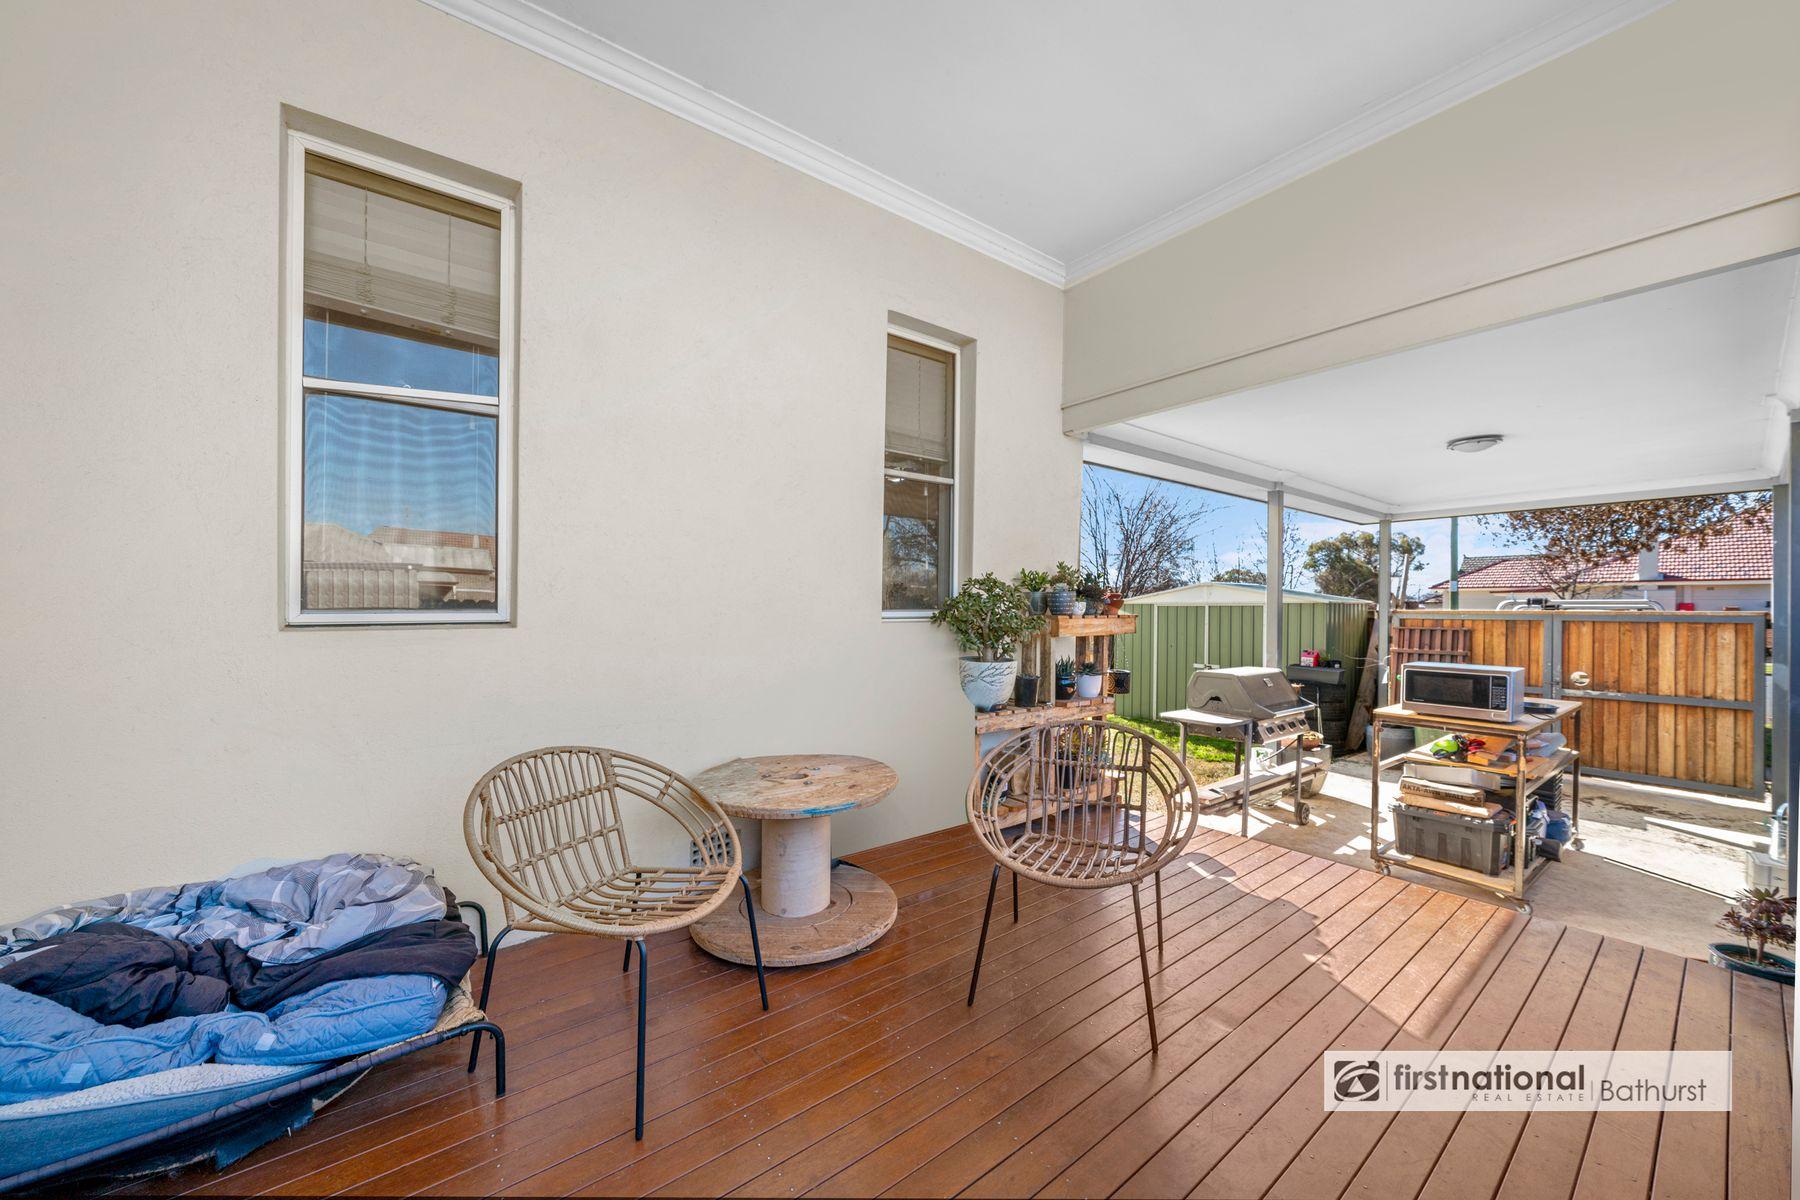 212 Rankin Street, Bathurst, NSW 2795